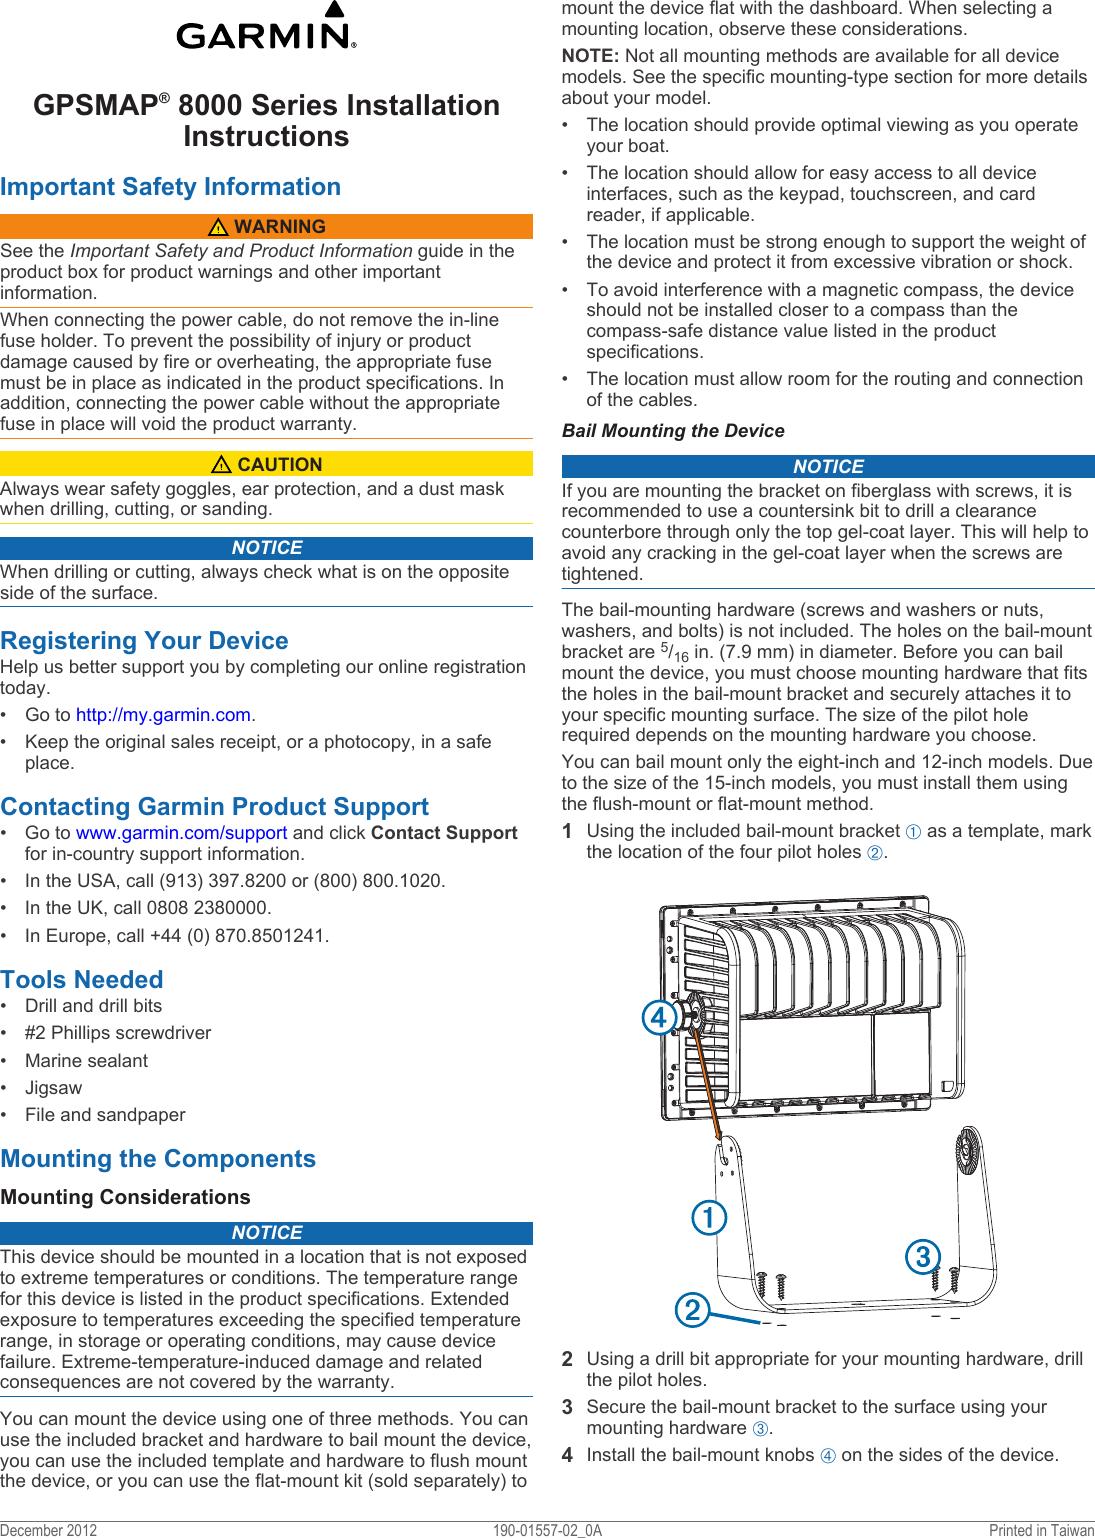 Garmin Nmea 0183 19 Pin Wiring Diagram Garmin Circuit Diagrams